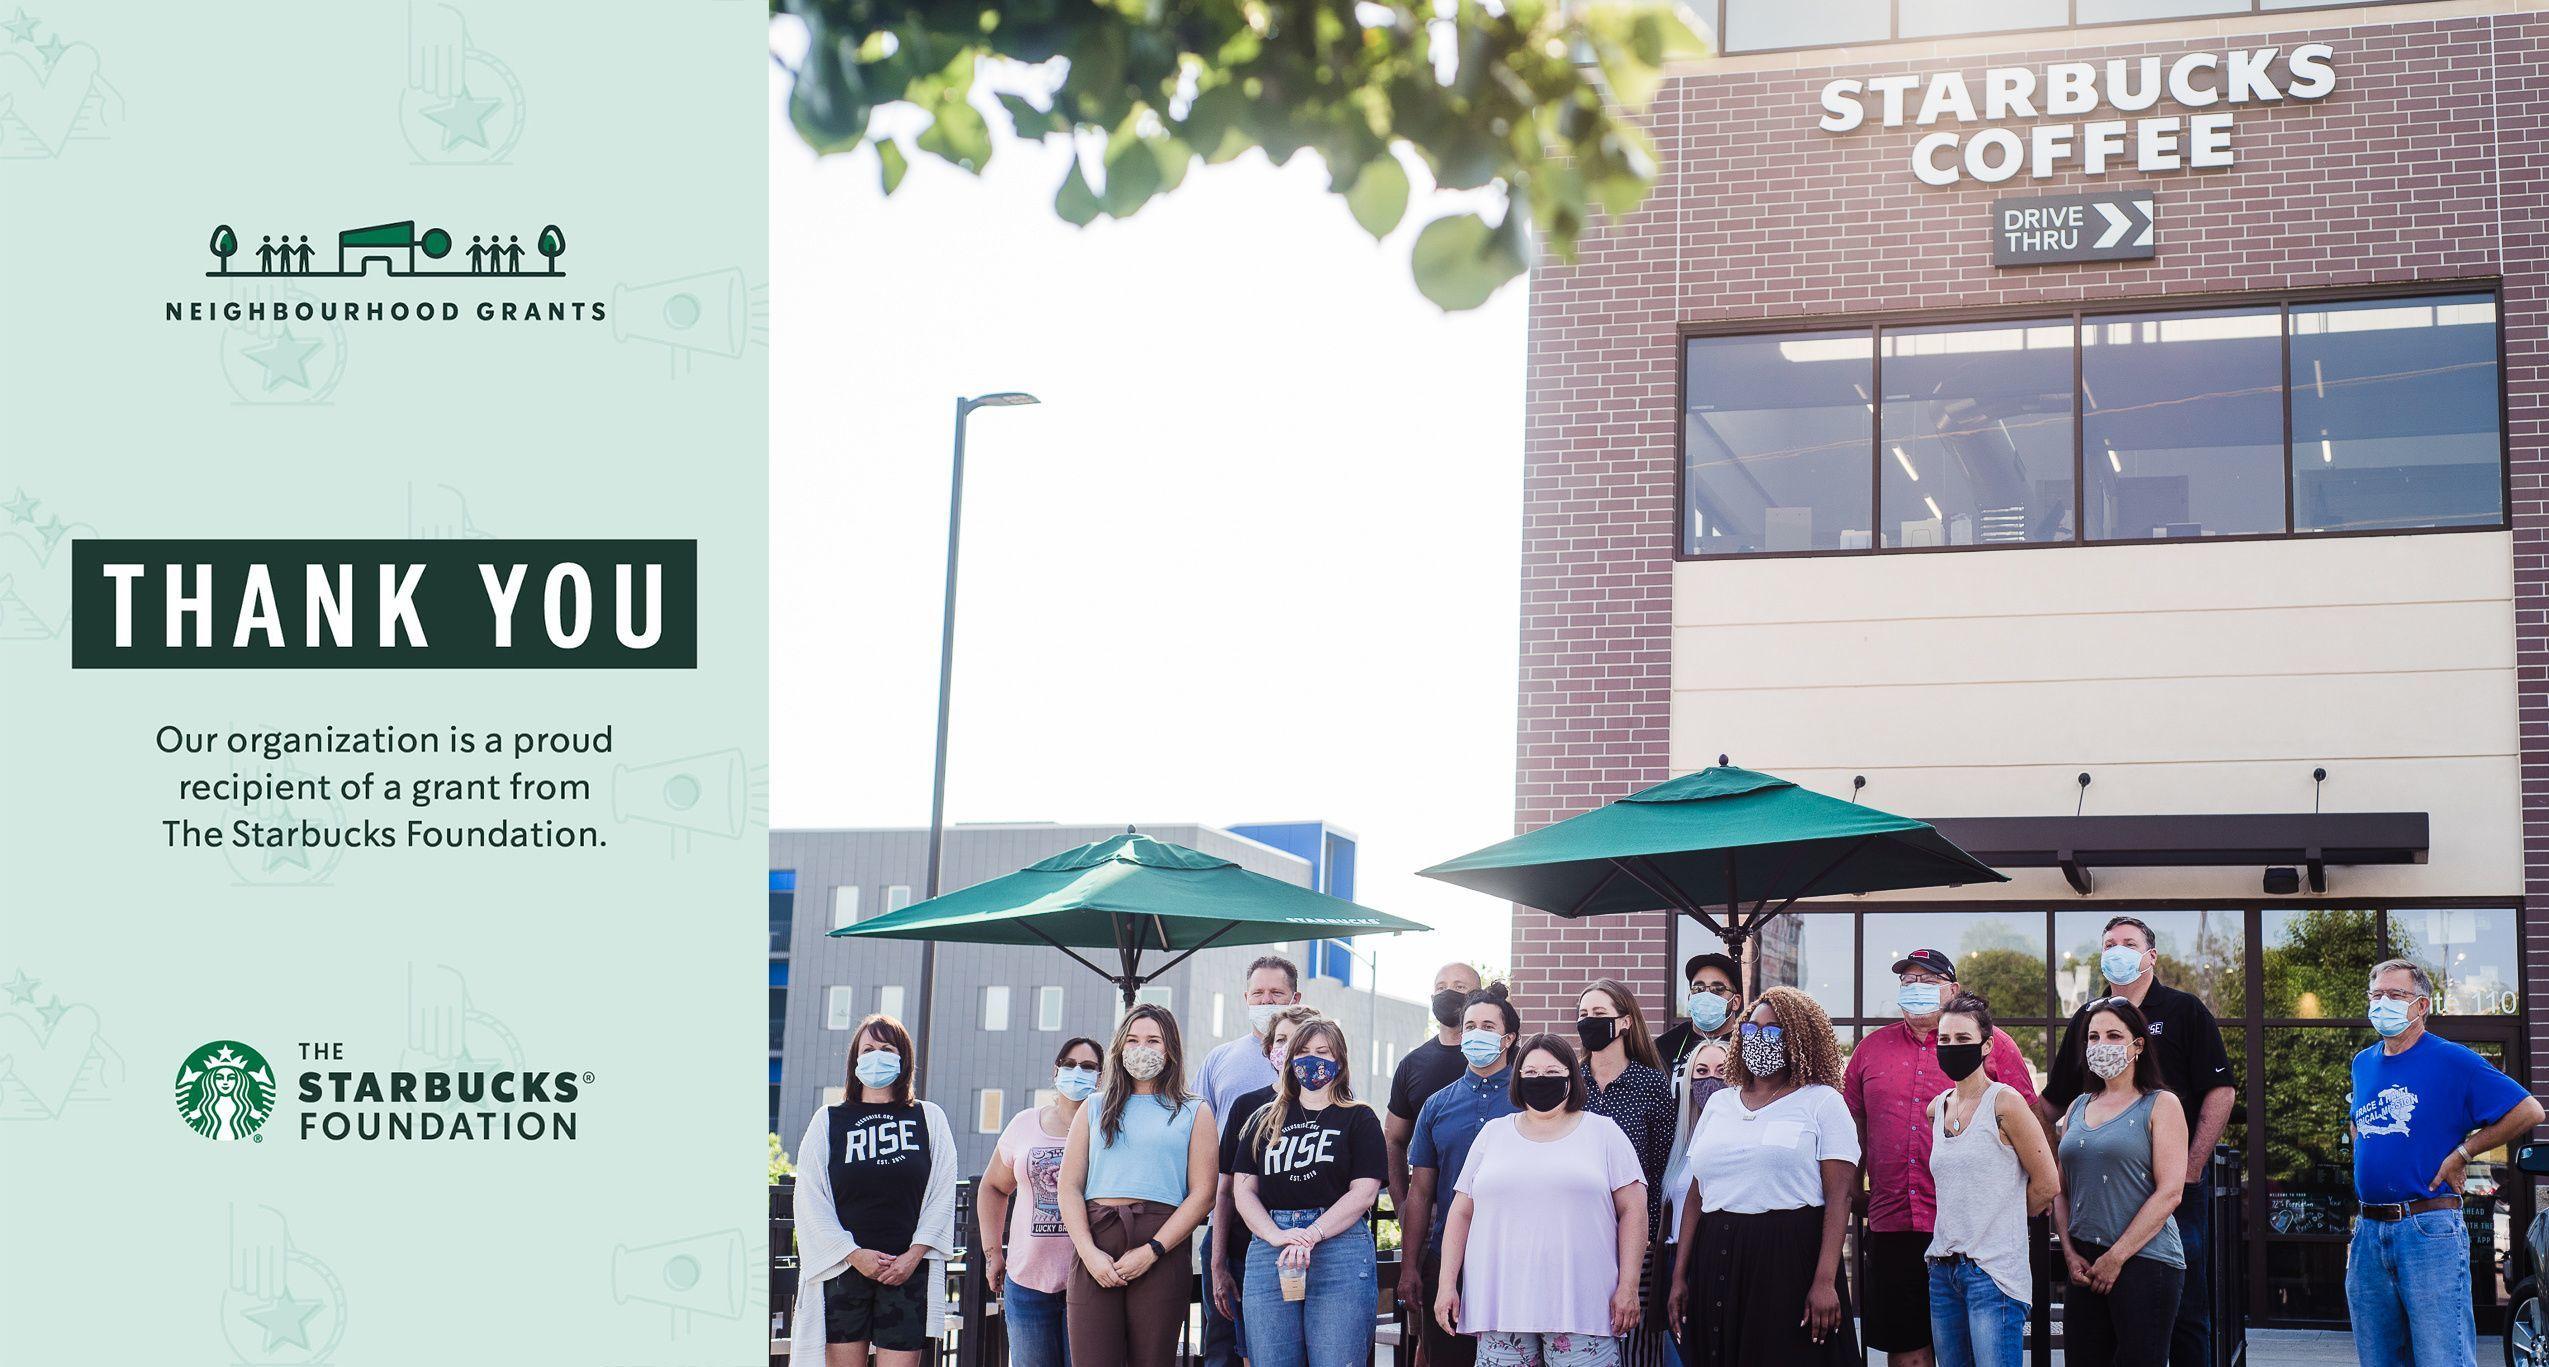 RISE in Nebraska Receives Grand from The Starbucks Foundation